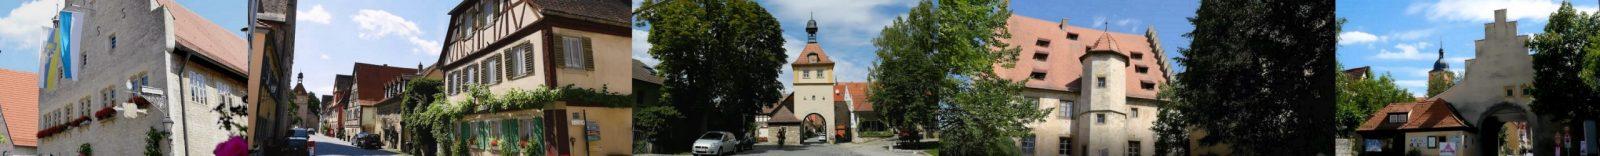 Tourismusverein Sommerhausen